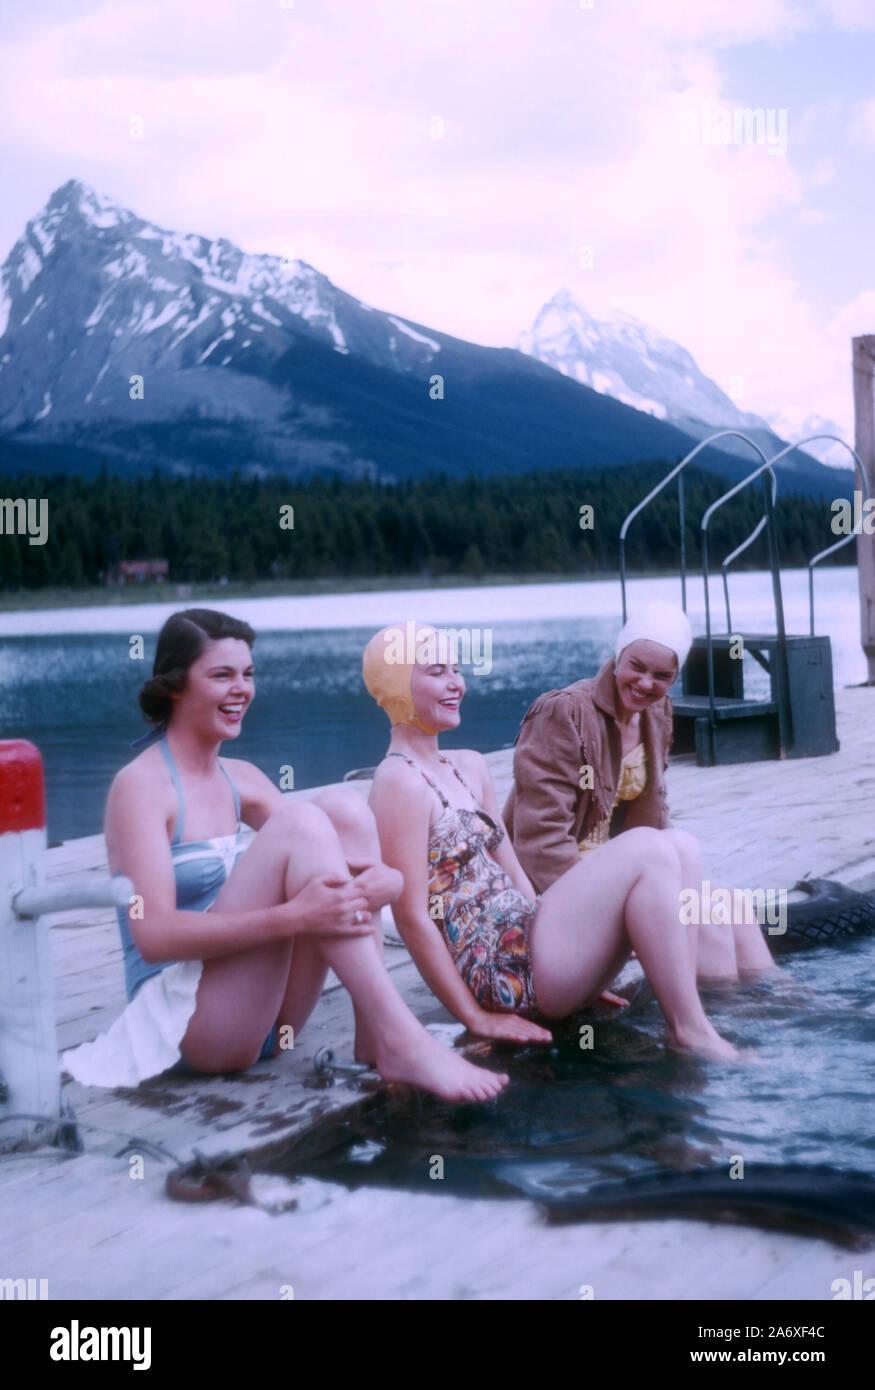 JASPER, AB - Julio, 1954: Vista General como tres mujeres sentadas en un charco de agua durante su Jasper sendero paseo alrededor de julio de 1954 en Jasper, Alberta, Canadá. (Foto por Hy Peskin) (número de registro: X1485) Foto de stock